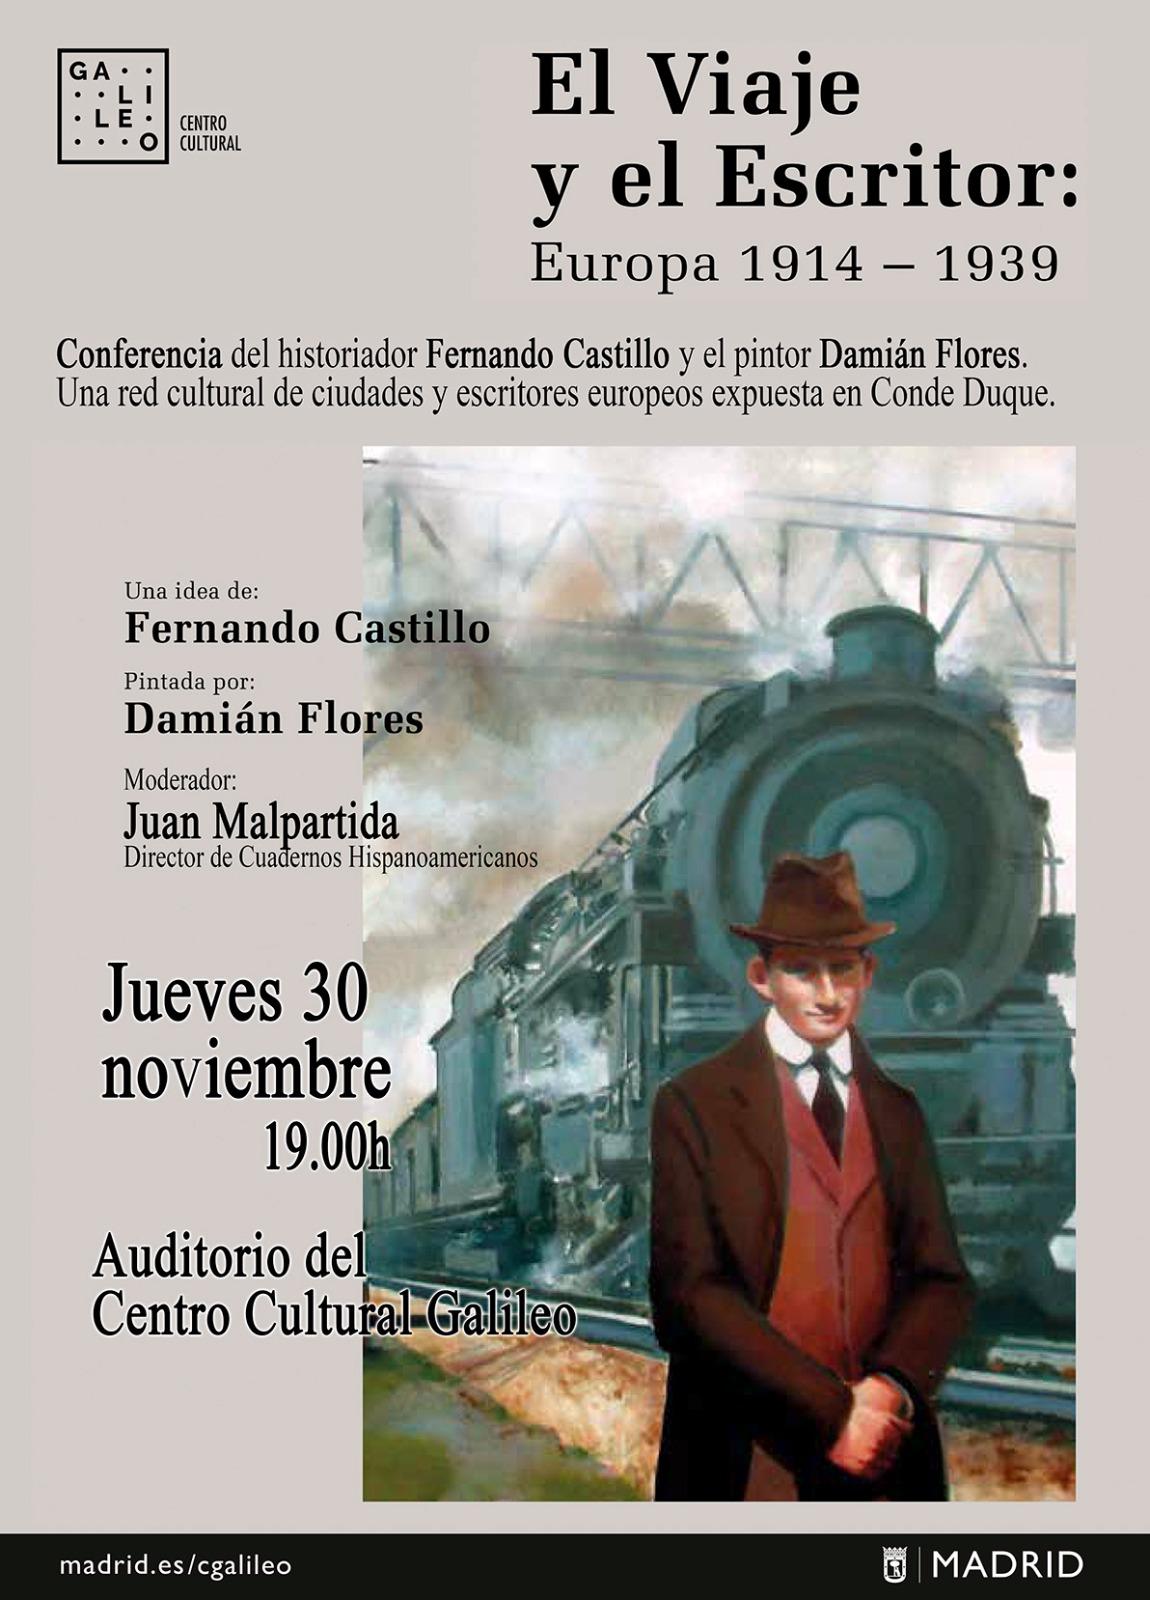 Conferencia de Fernando Castillo y Damián Flores